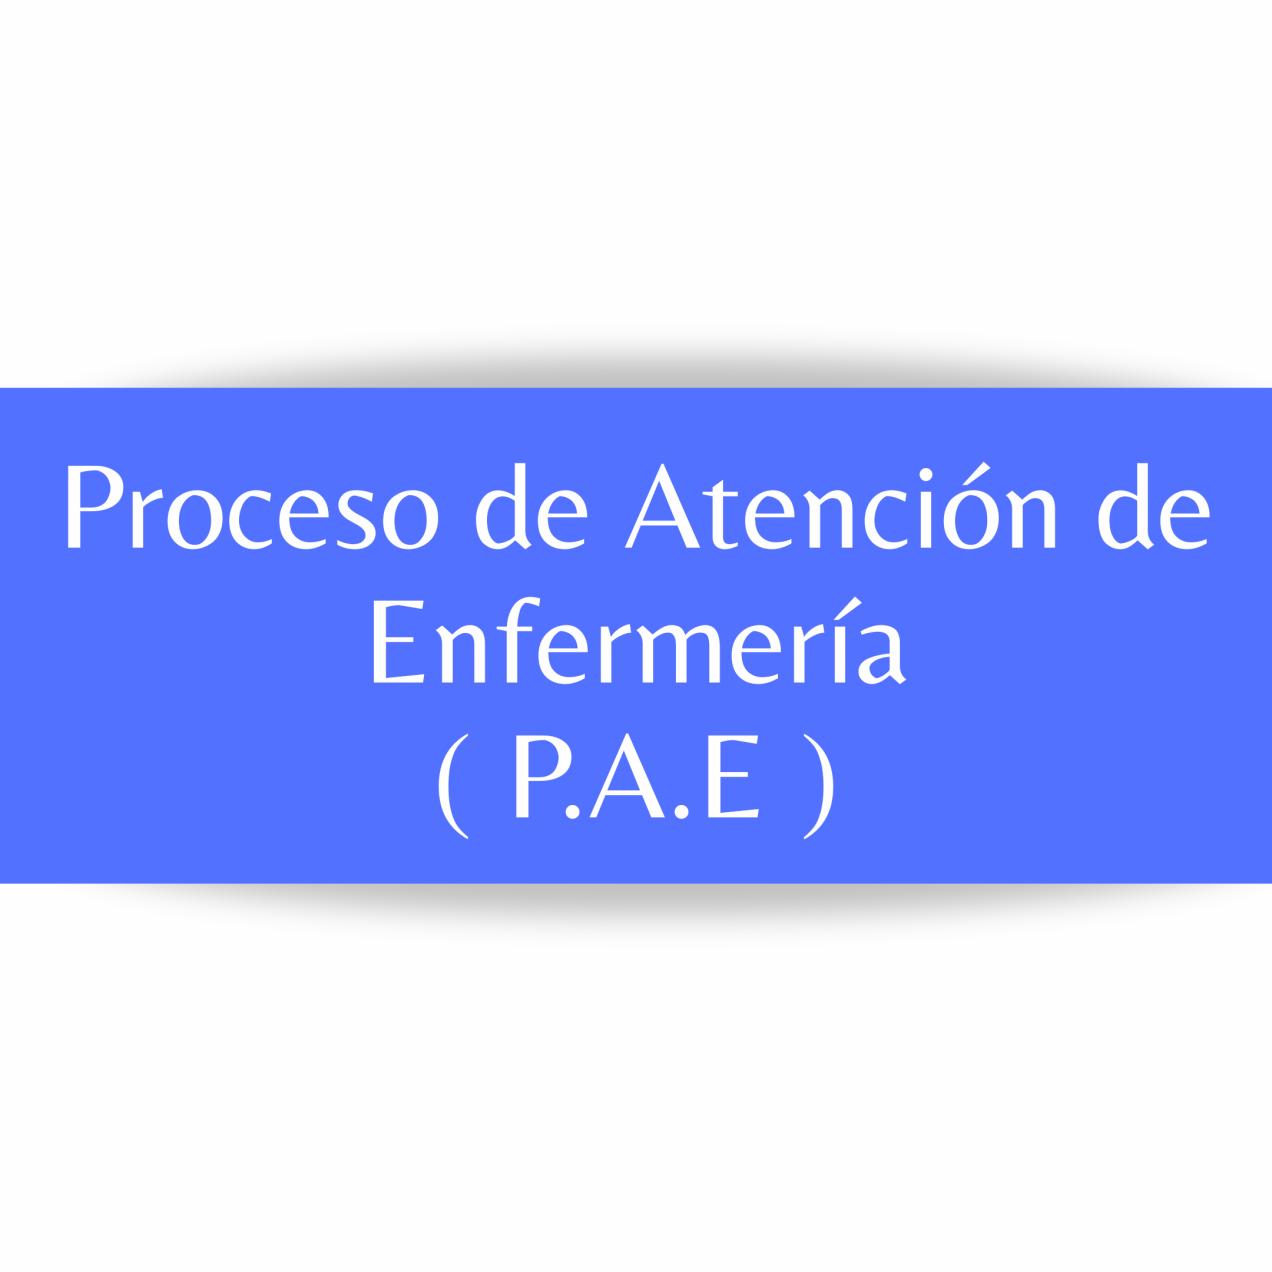 PROCESO DE ATENCIÓN DE ENFERMERÍA.